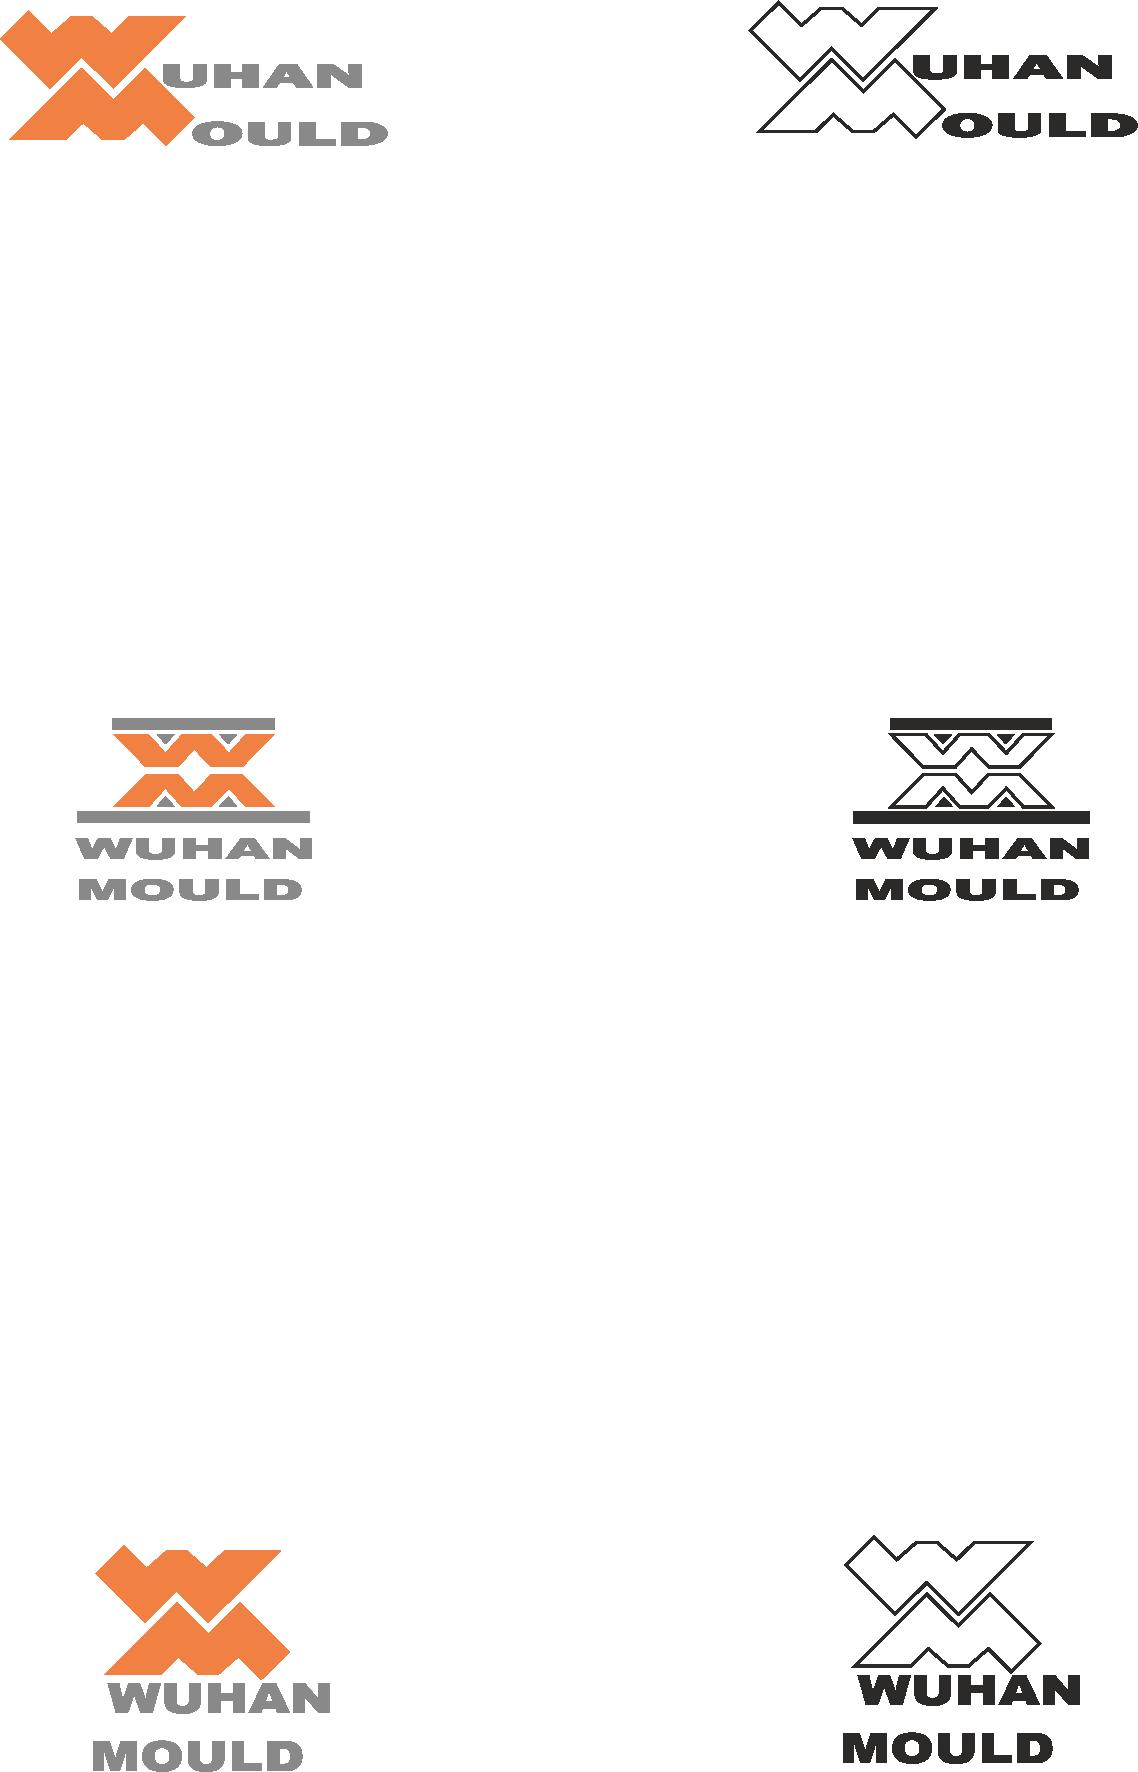 Создать логотип для фабрики пресс-форм фото f_8115997d2589bed0.png